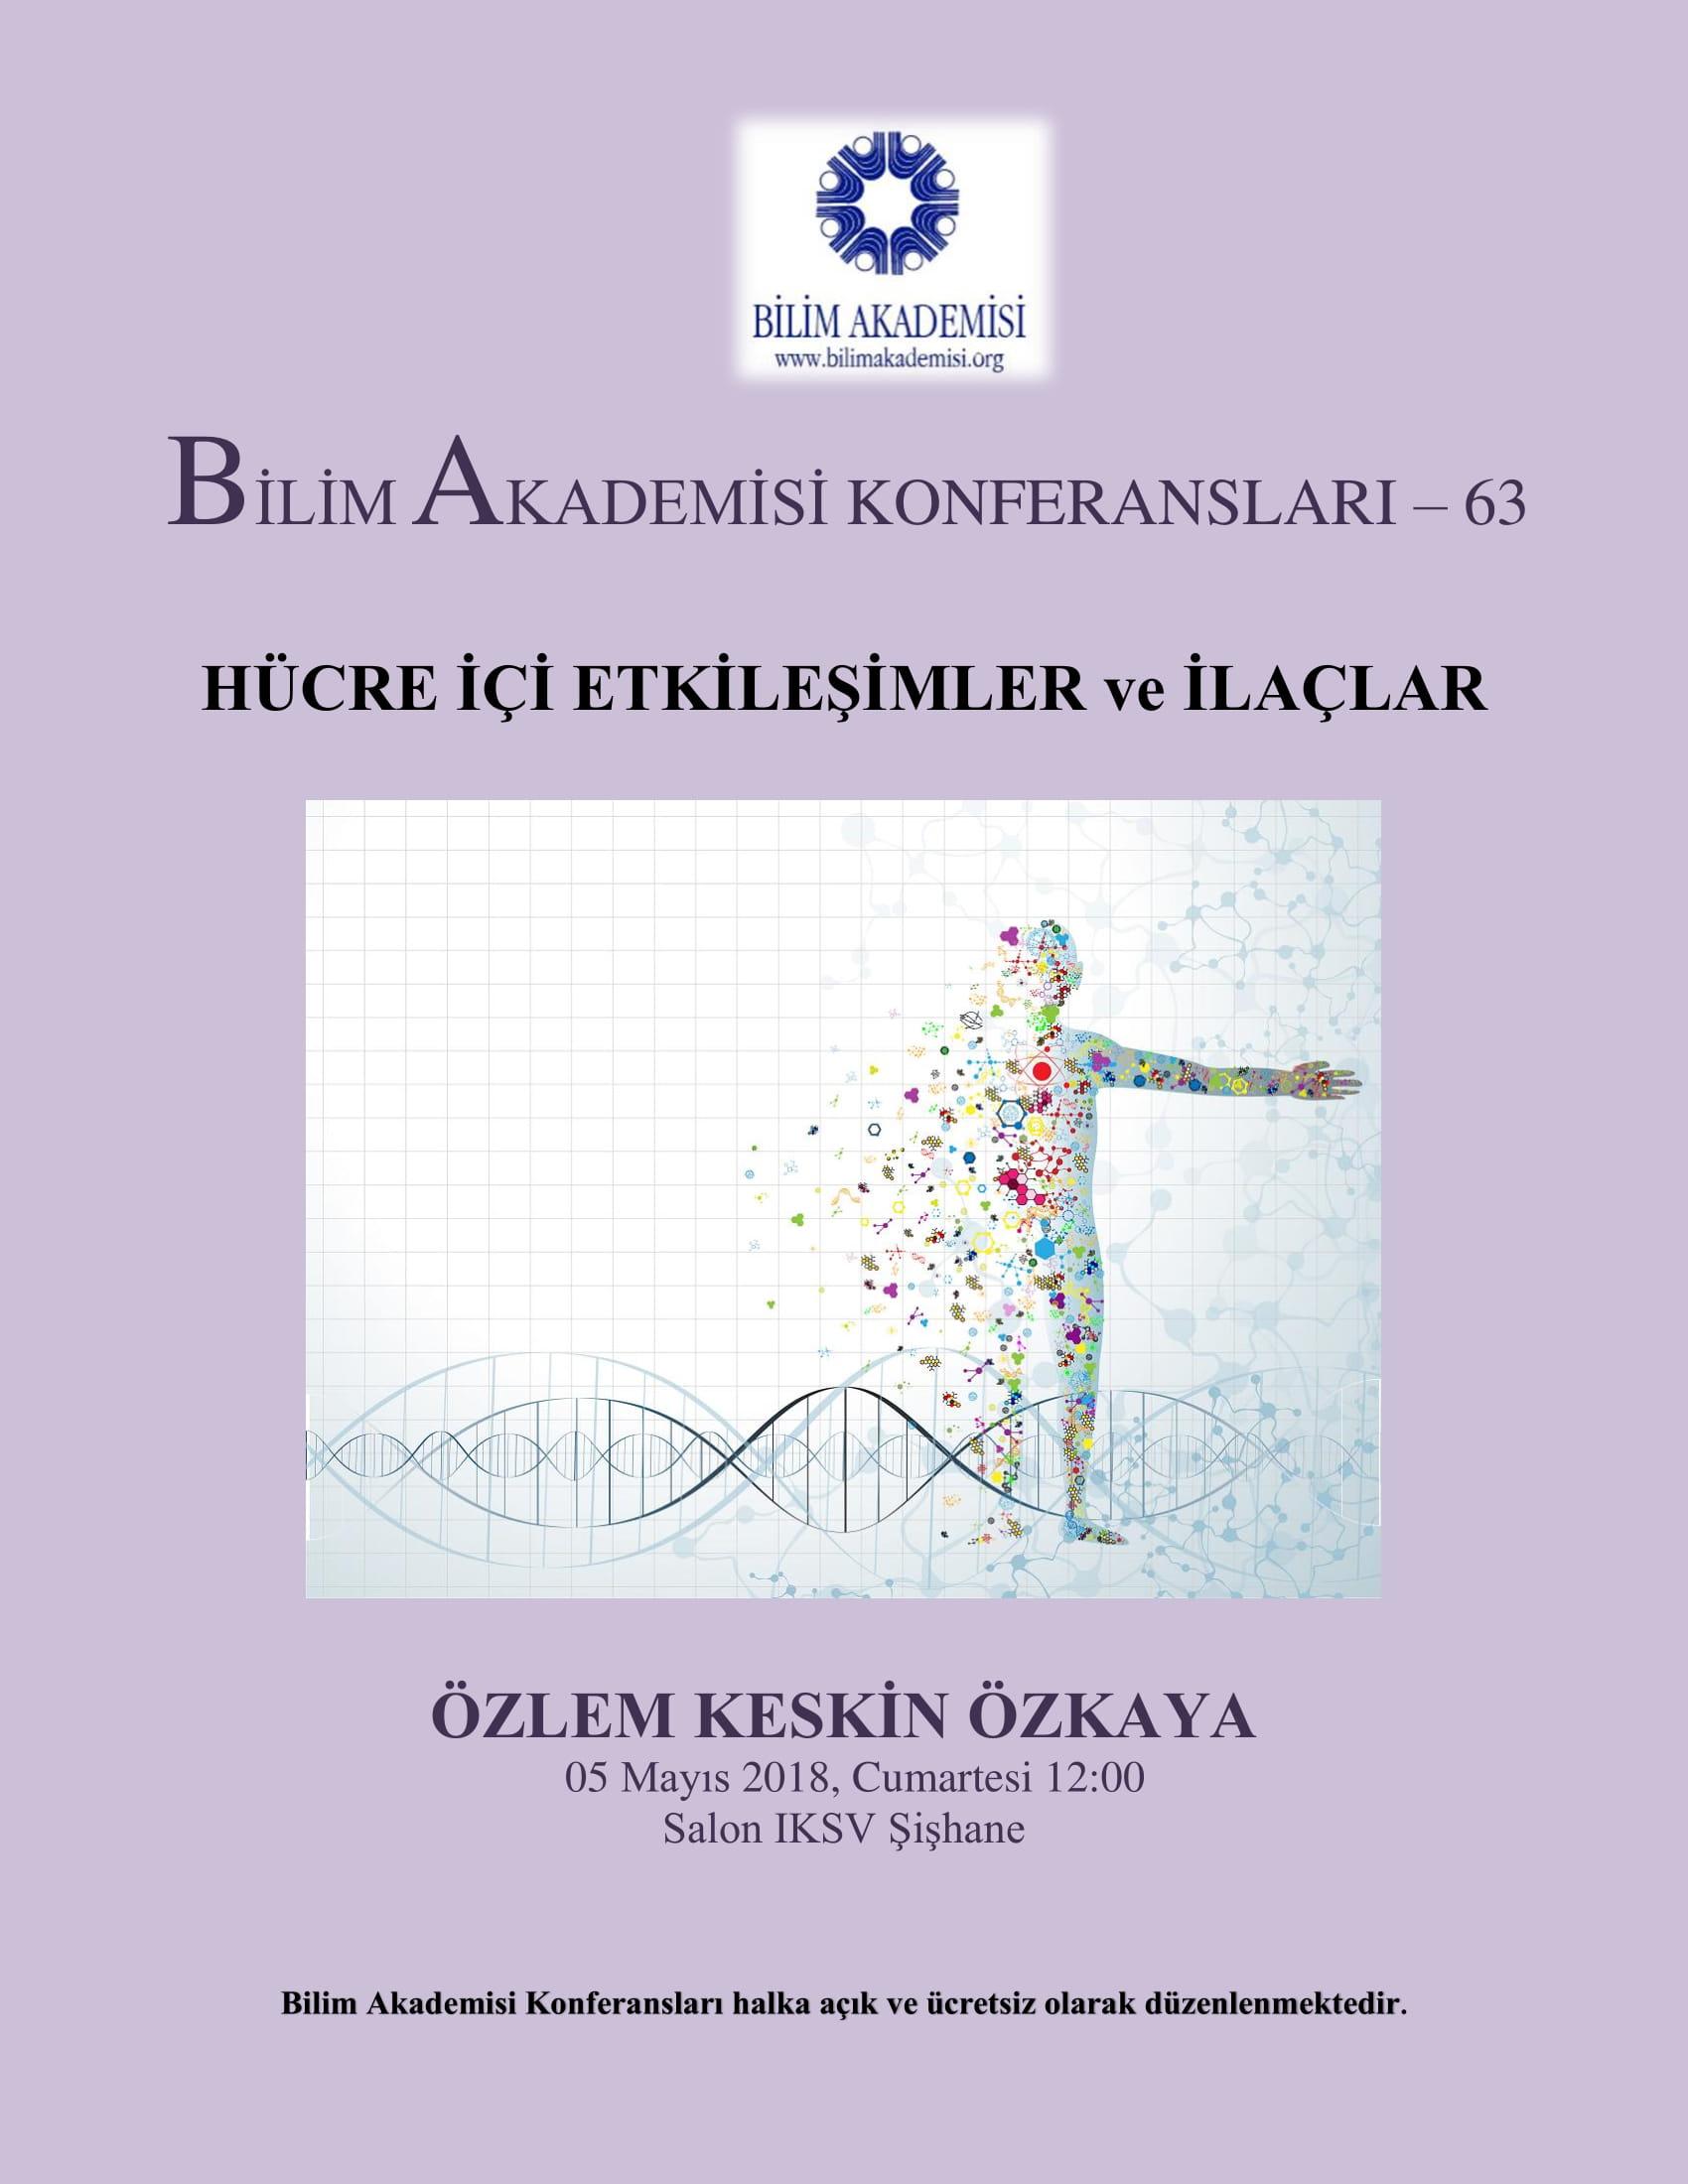 Hücre içi Etkileşimler ve İlaçlar - Konuşmacı: Özlem Keskin